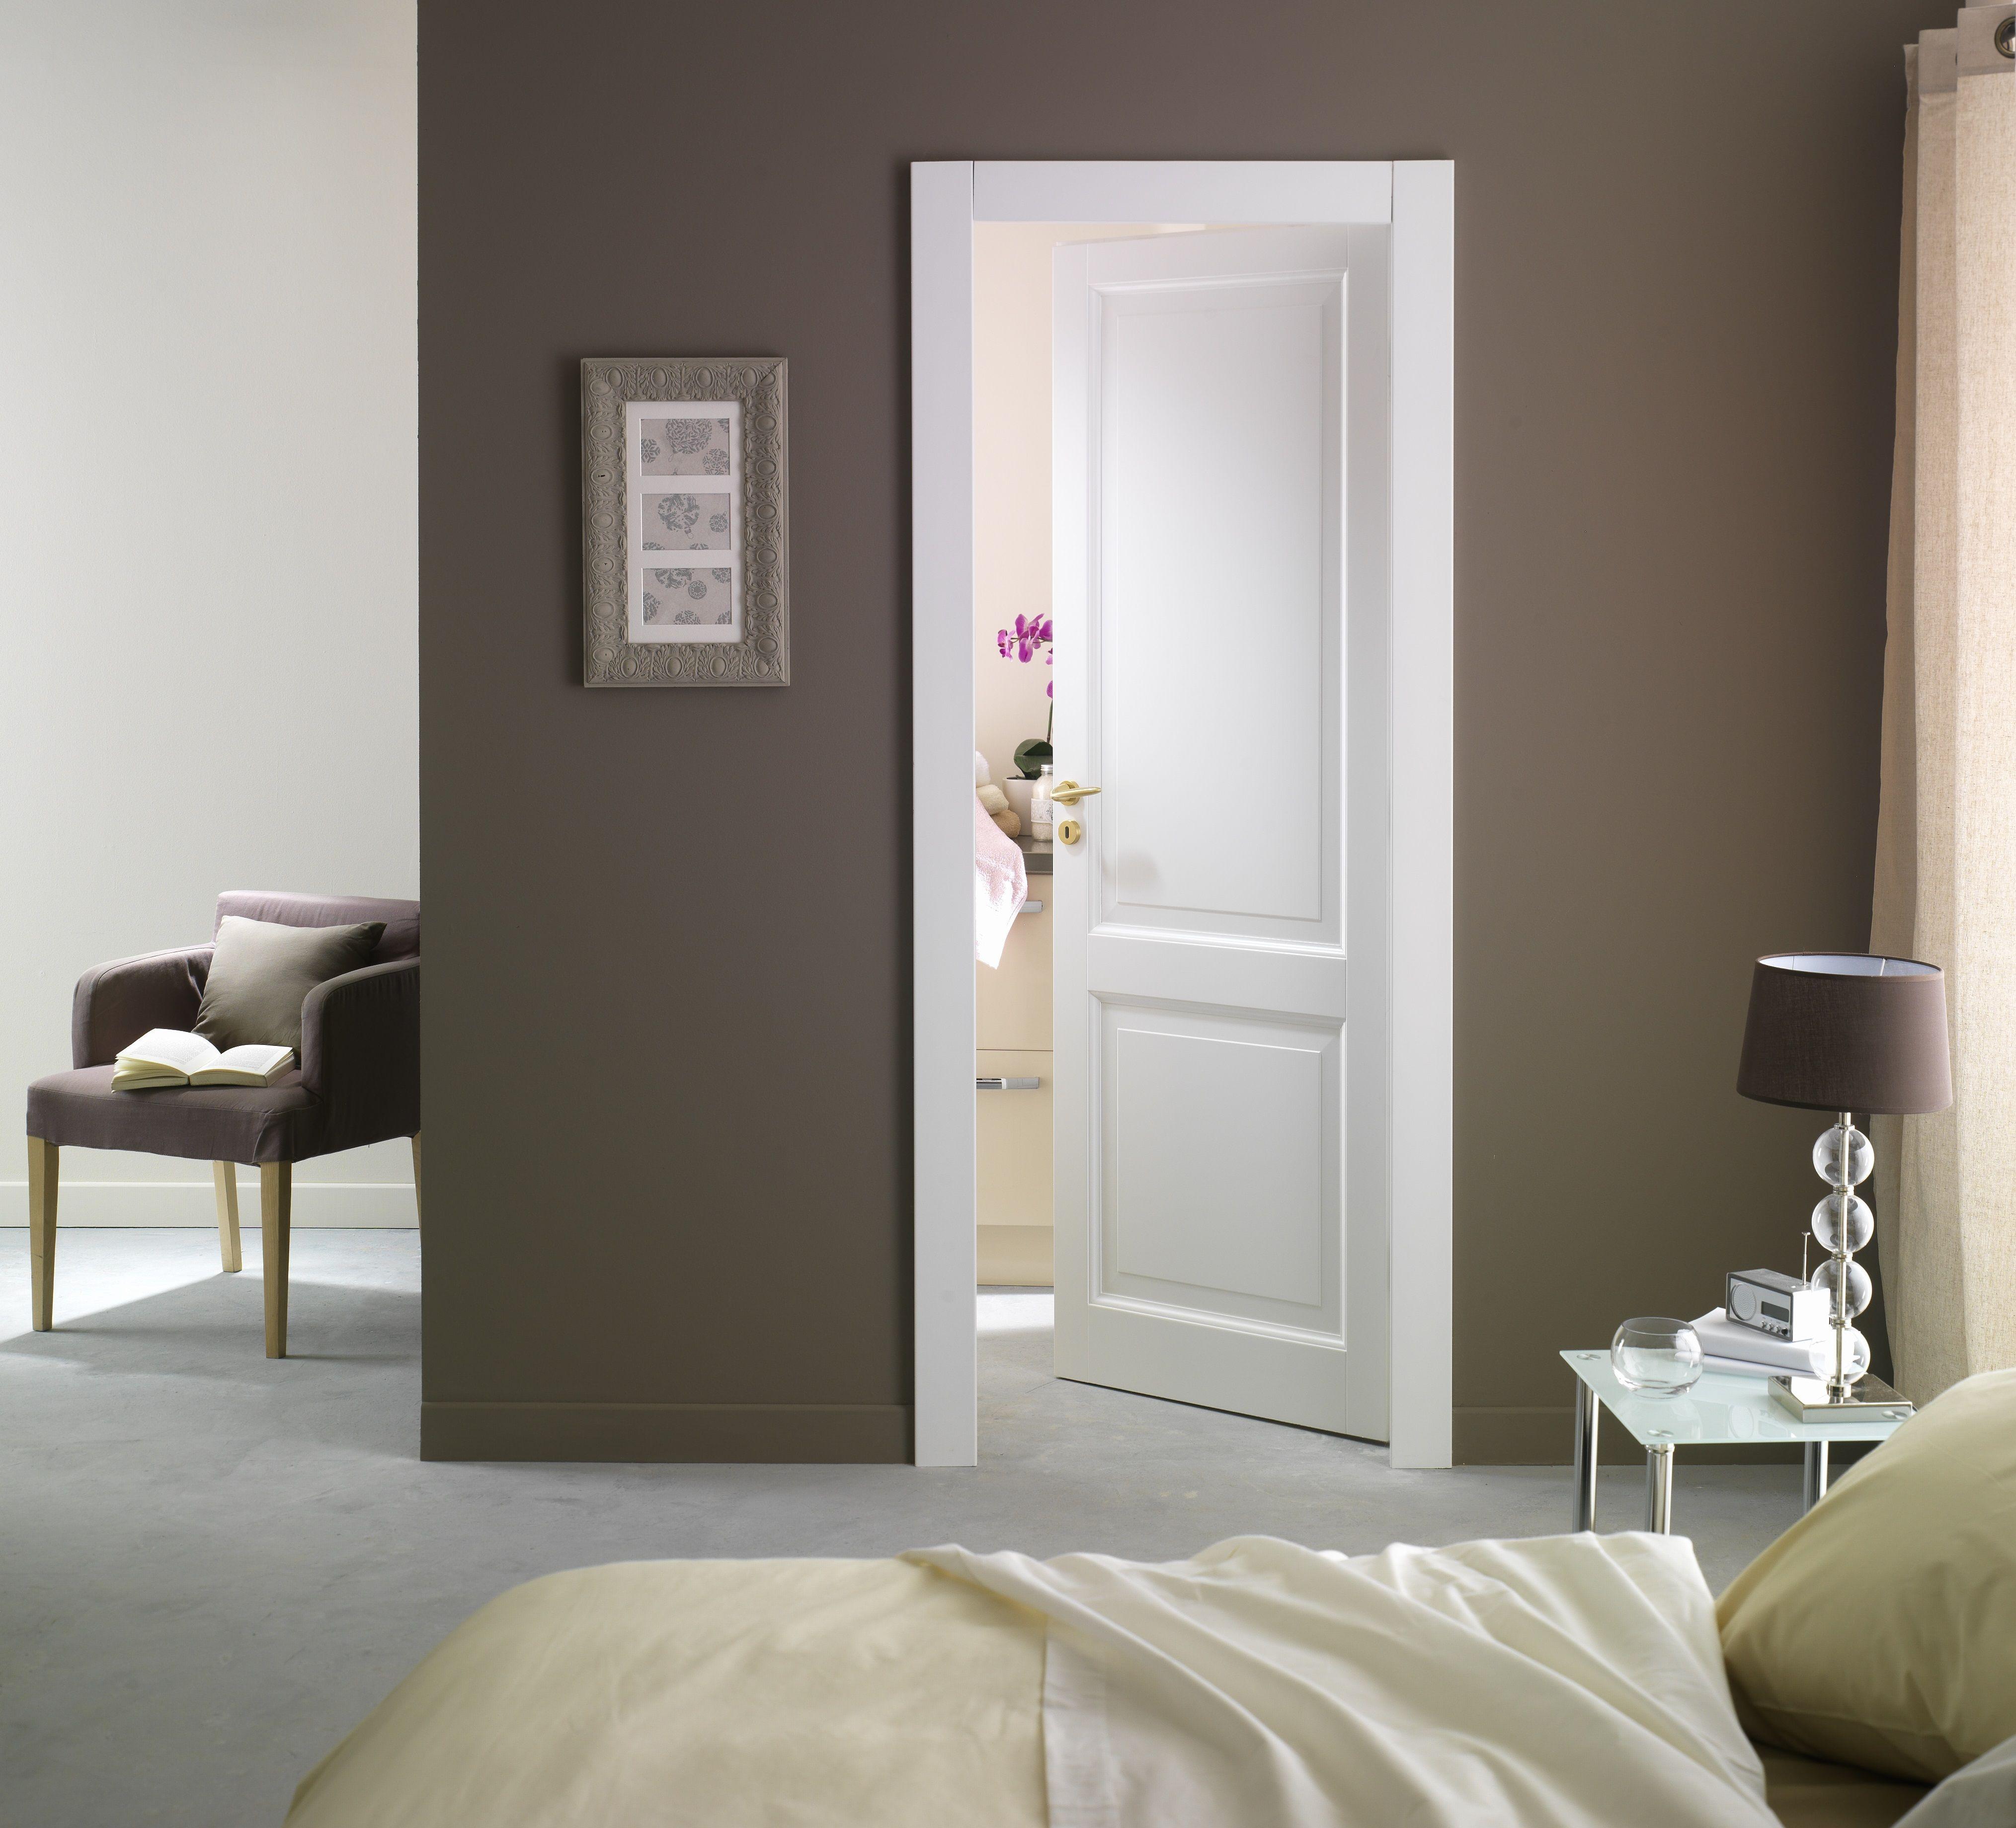 Couleur Porte Interieur Blanc Gris porte d'intérieur pleine plein blanche modèle karine   porte